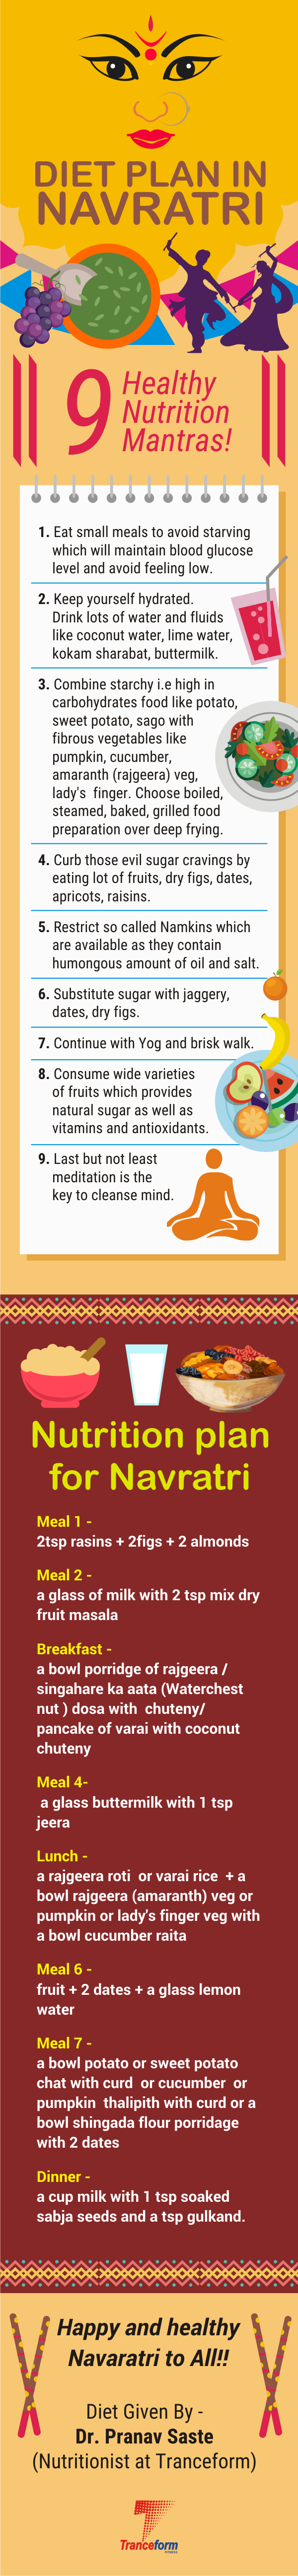 navratri diet tips